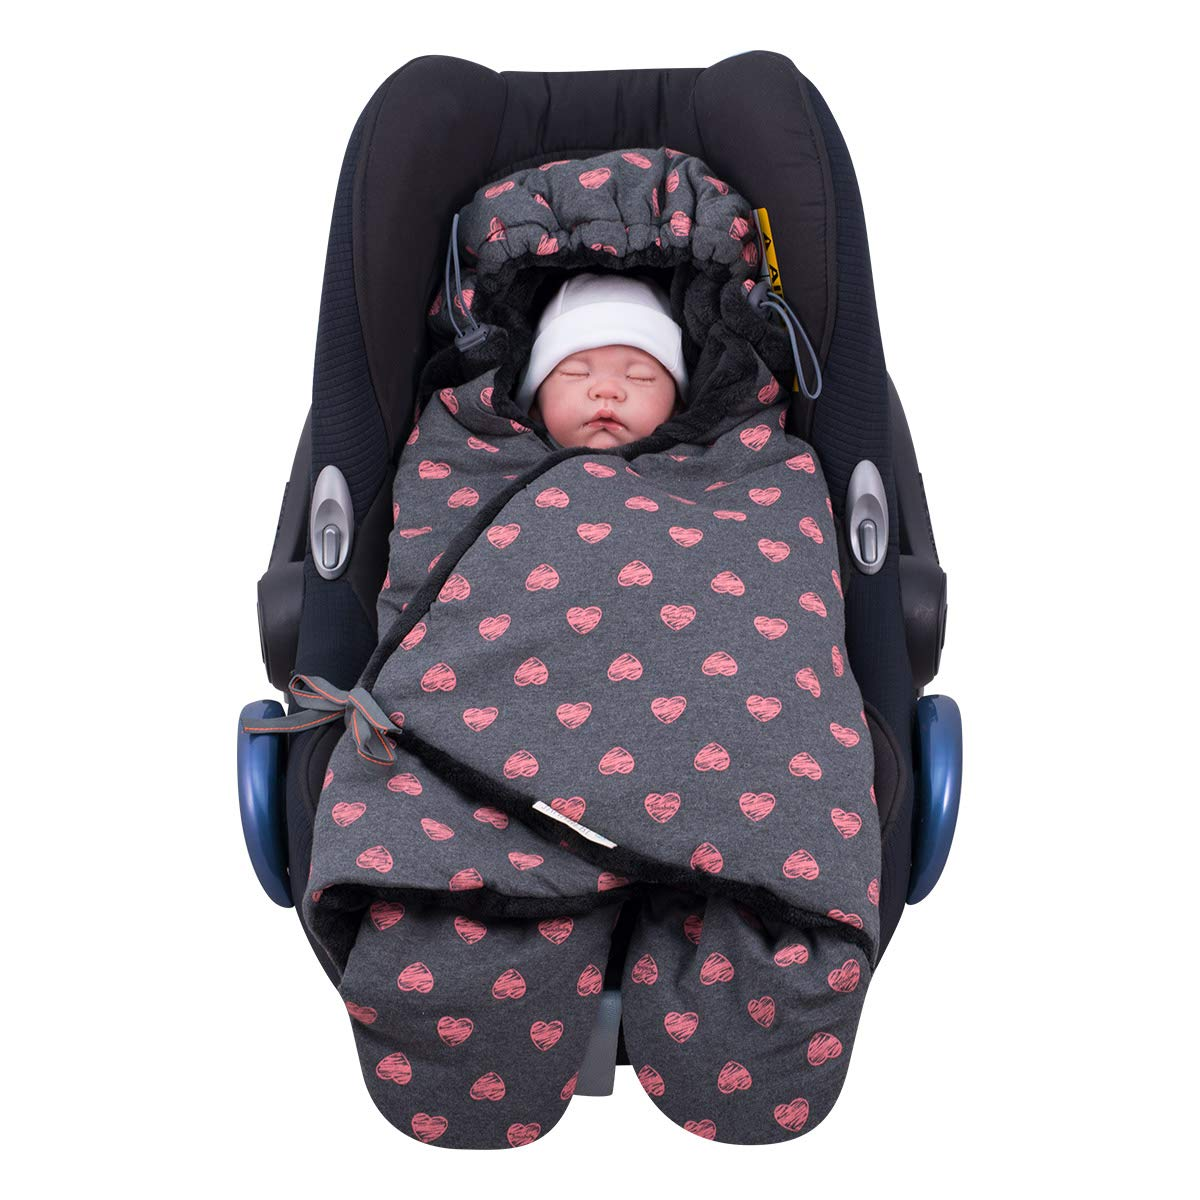 JANABEBE Universal foottmuff Baby Blanket Fluor Heart